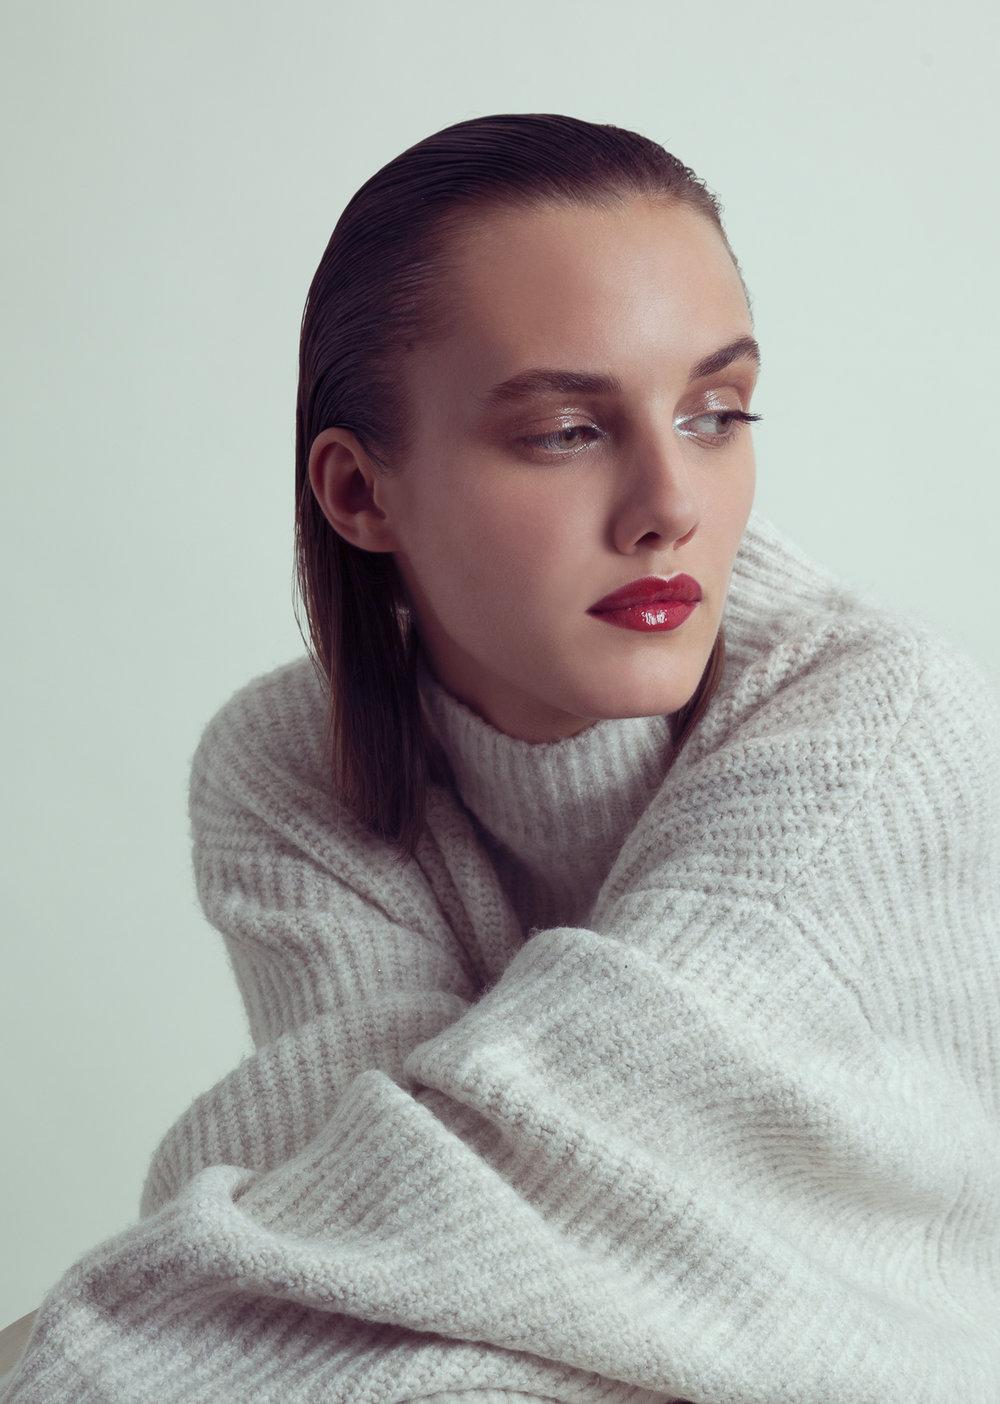 Alice at NY Models